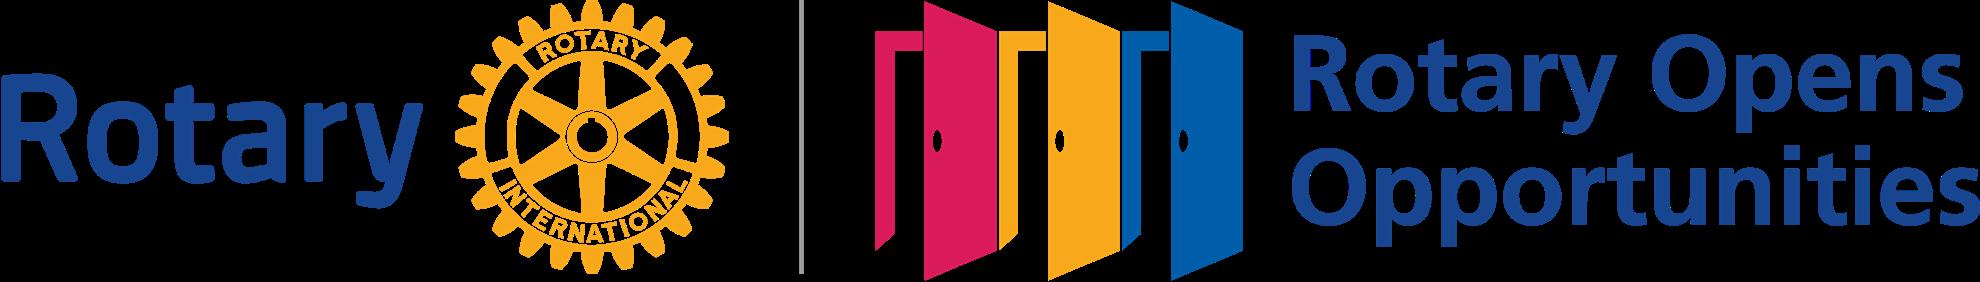 Rotary 2020 motto